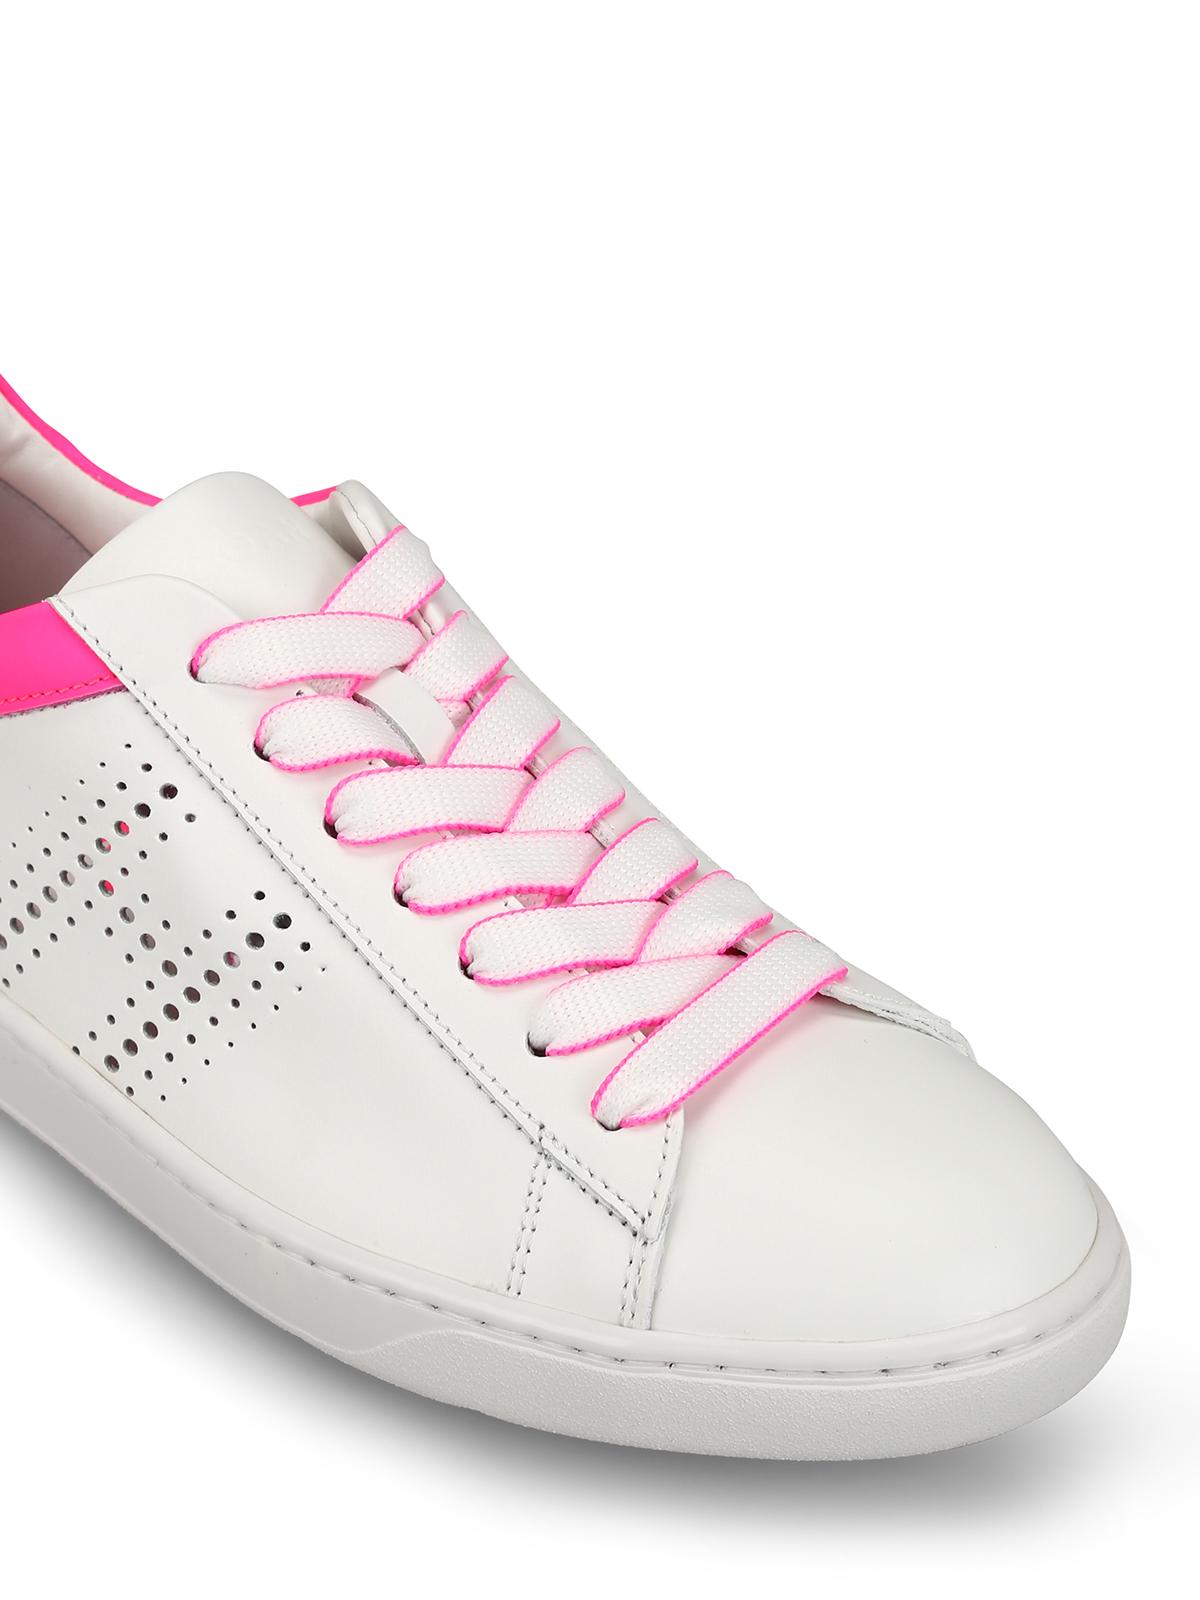 Hogan - R327 fluo detailed sneakers - trainers - GYW3270K360L6N3704